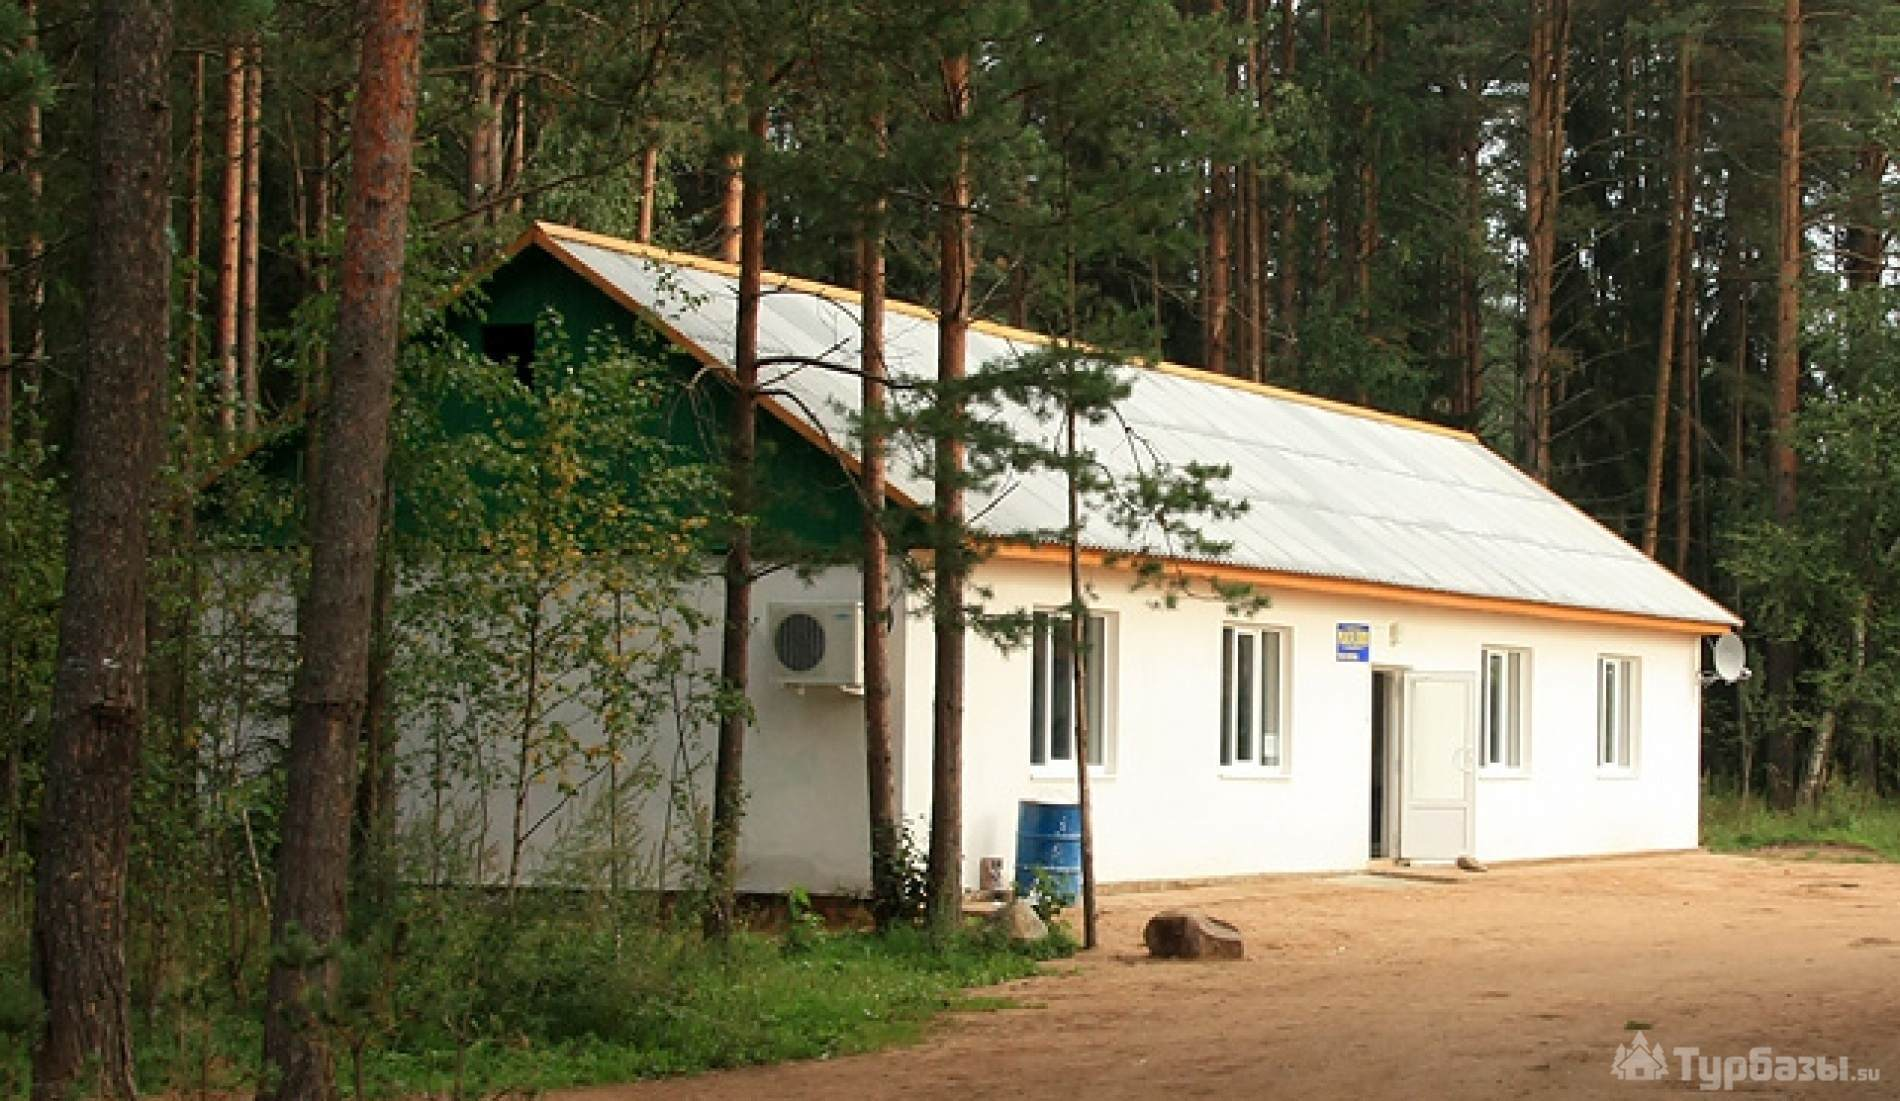 Турбаза в тишково московская область чайка фото